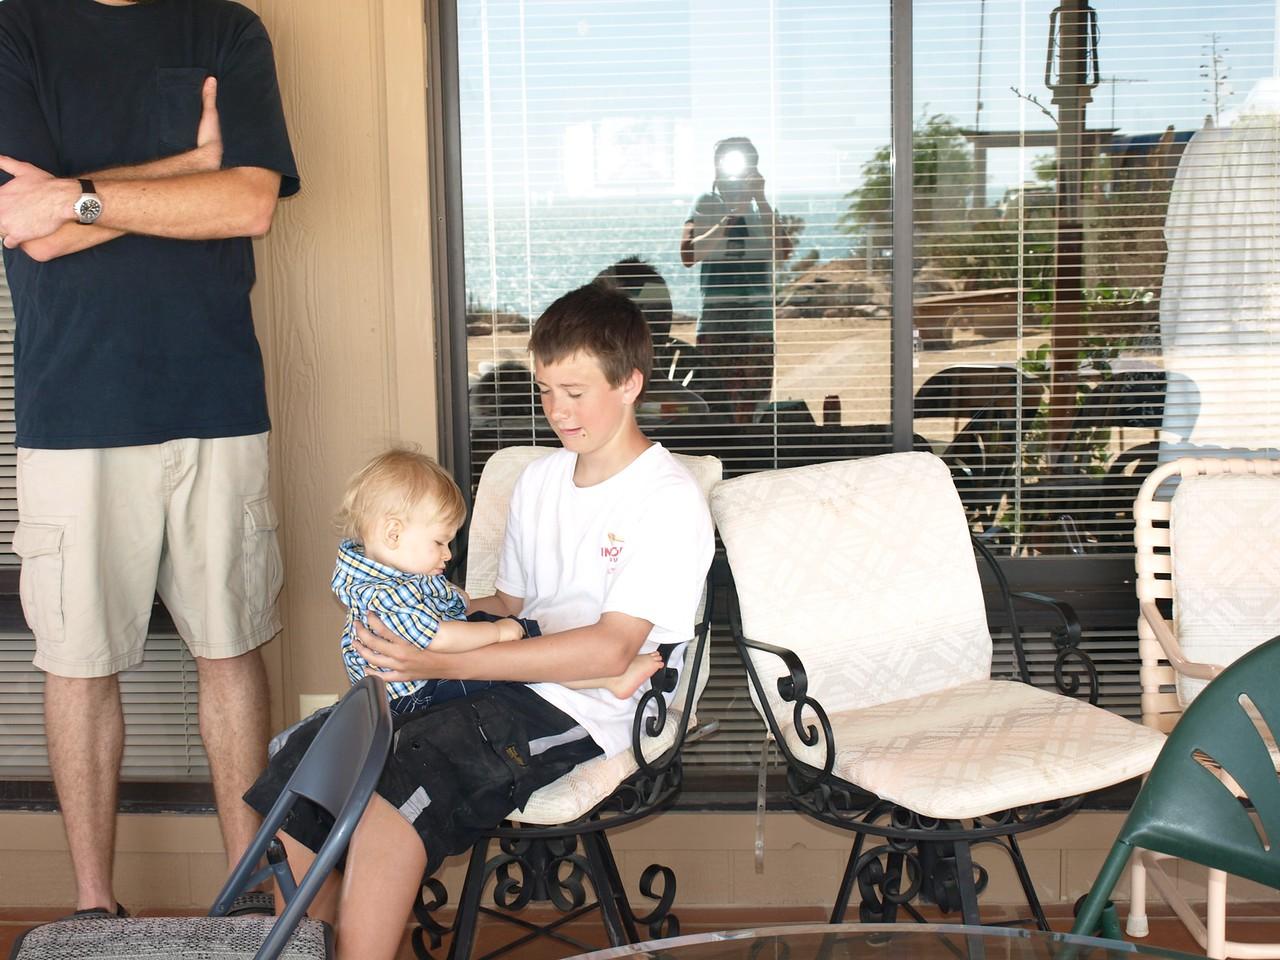 Cody makes friends wih Kalvin.